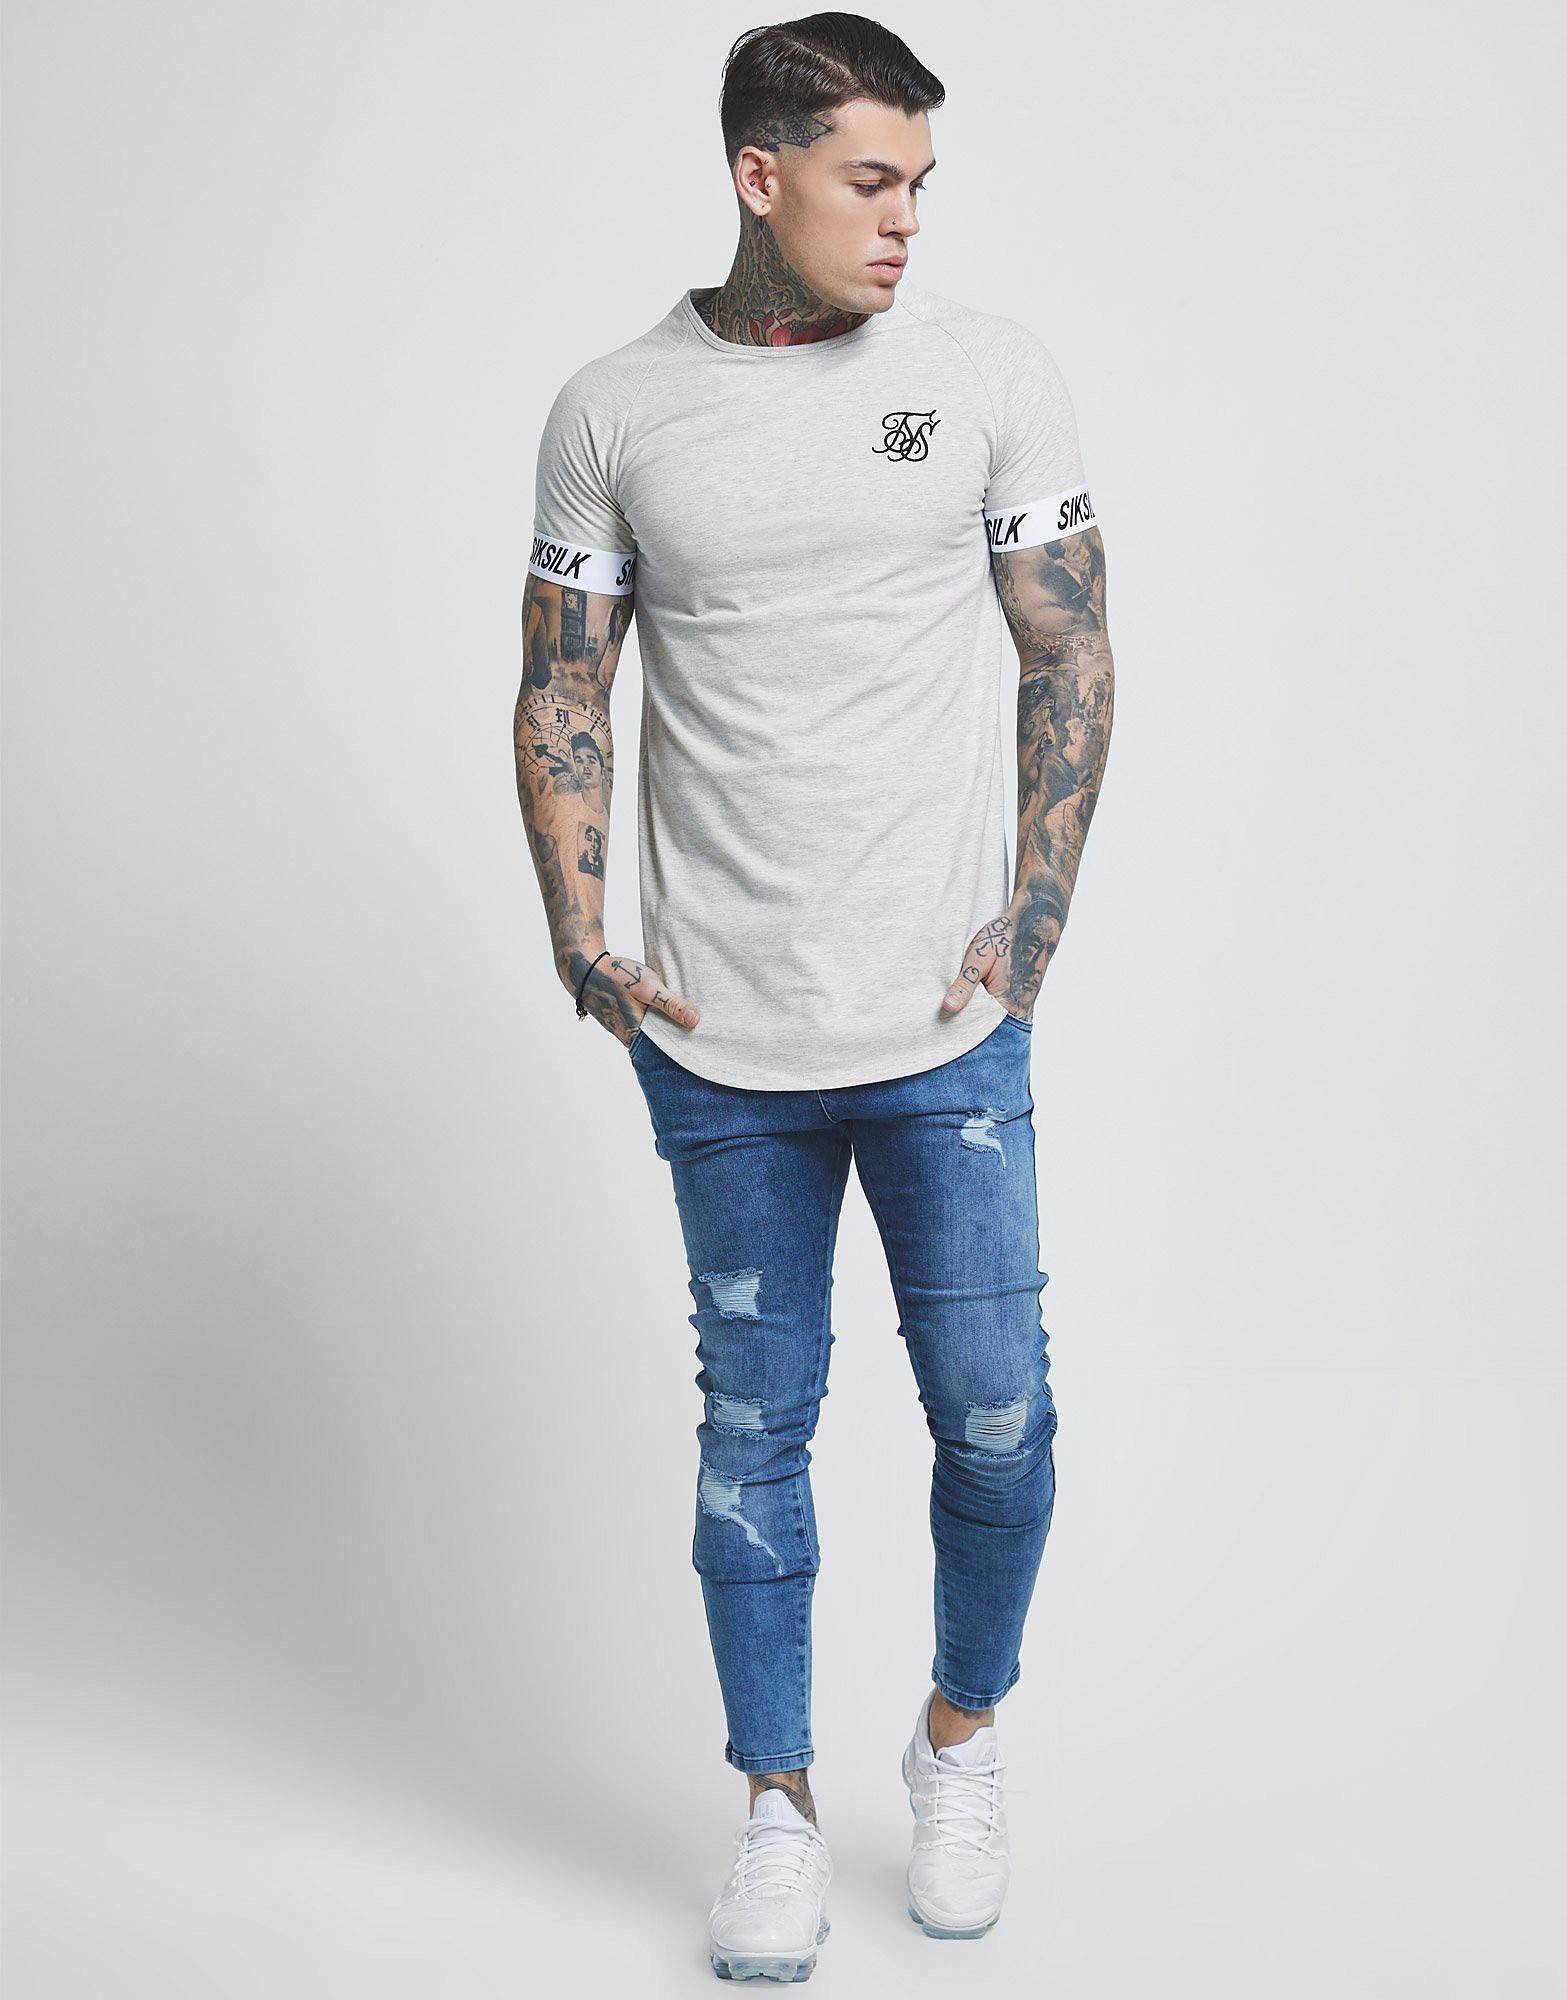 SikSilk Short Sleeve Raglan Tech T-Shirt - Grijs - Heren